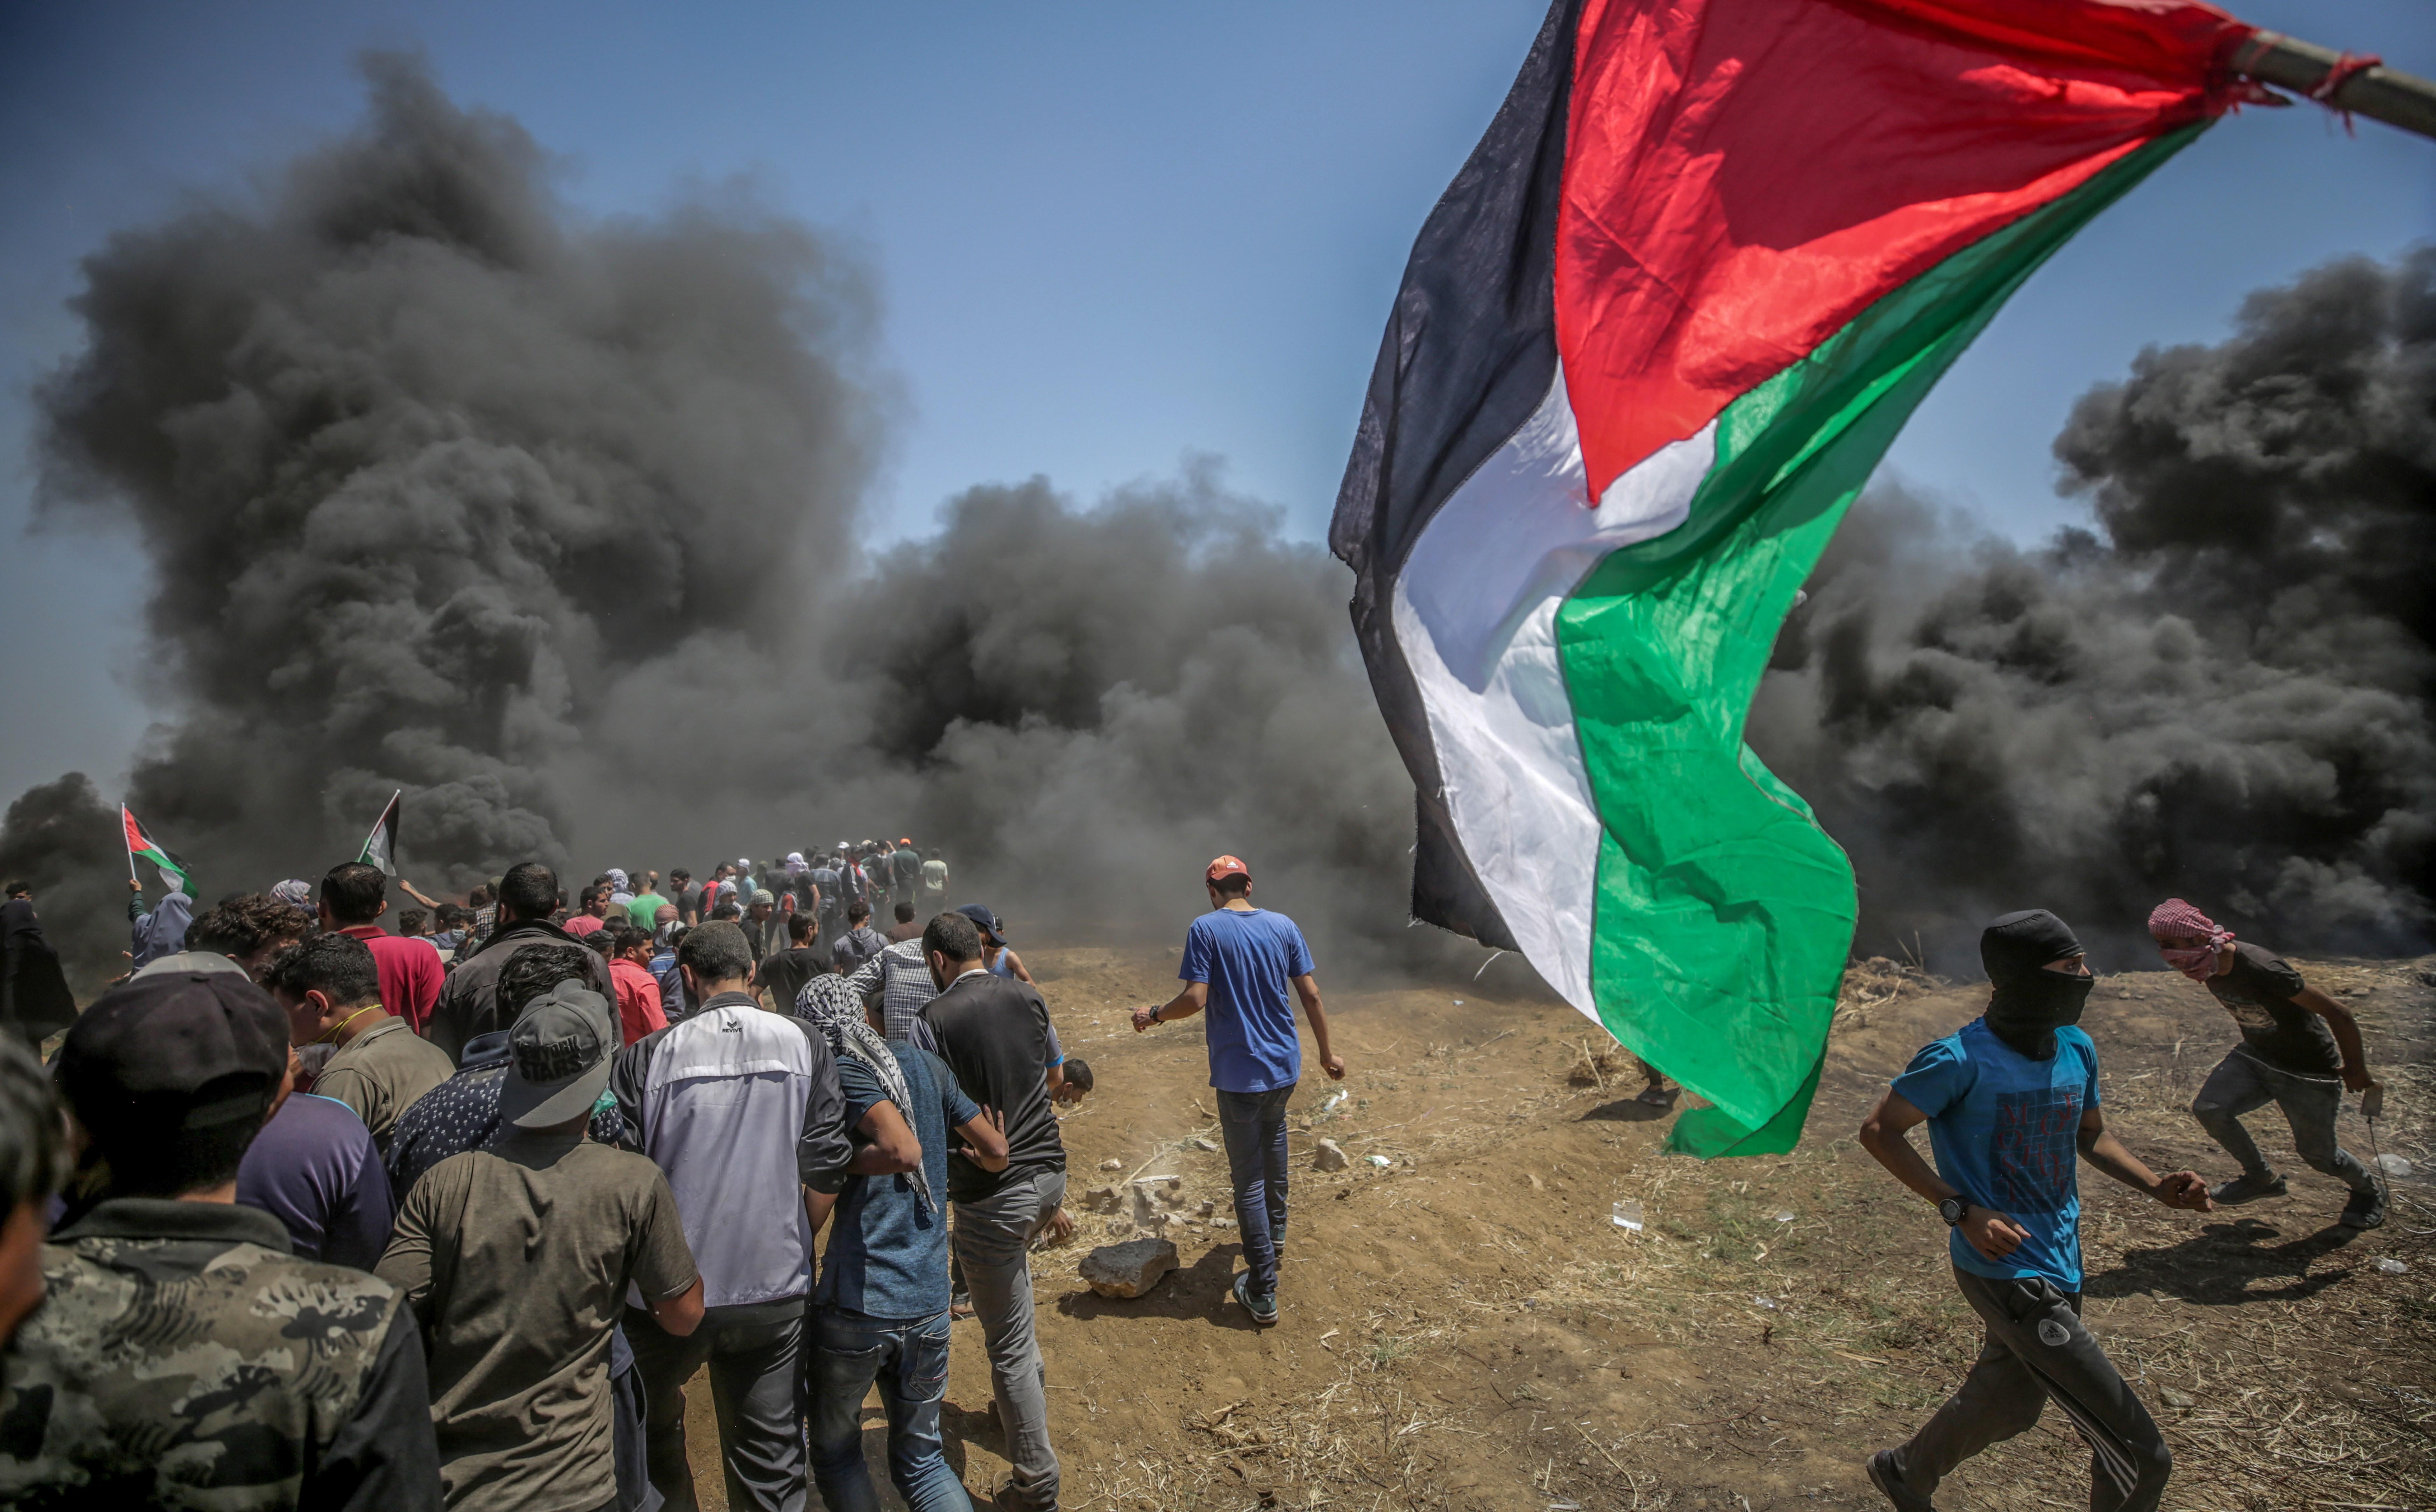 Manifestants corren per protegir-se del gas lacrimogen llançat per soldats israelians durant unes protestes a la frontera de Gaza i Israel. /MOHAMMED SABER